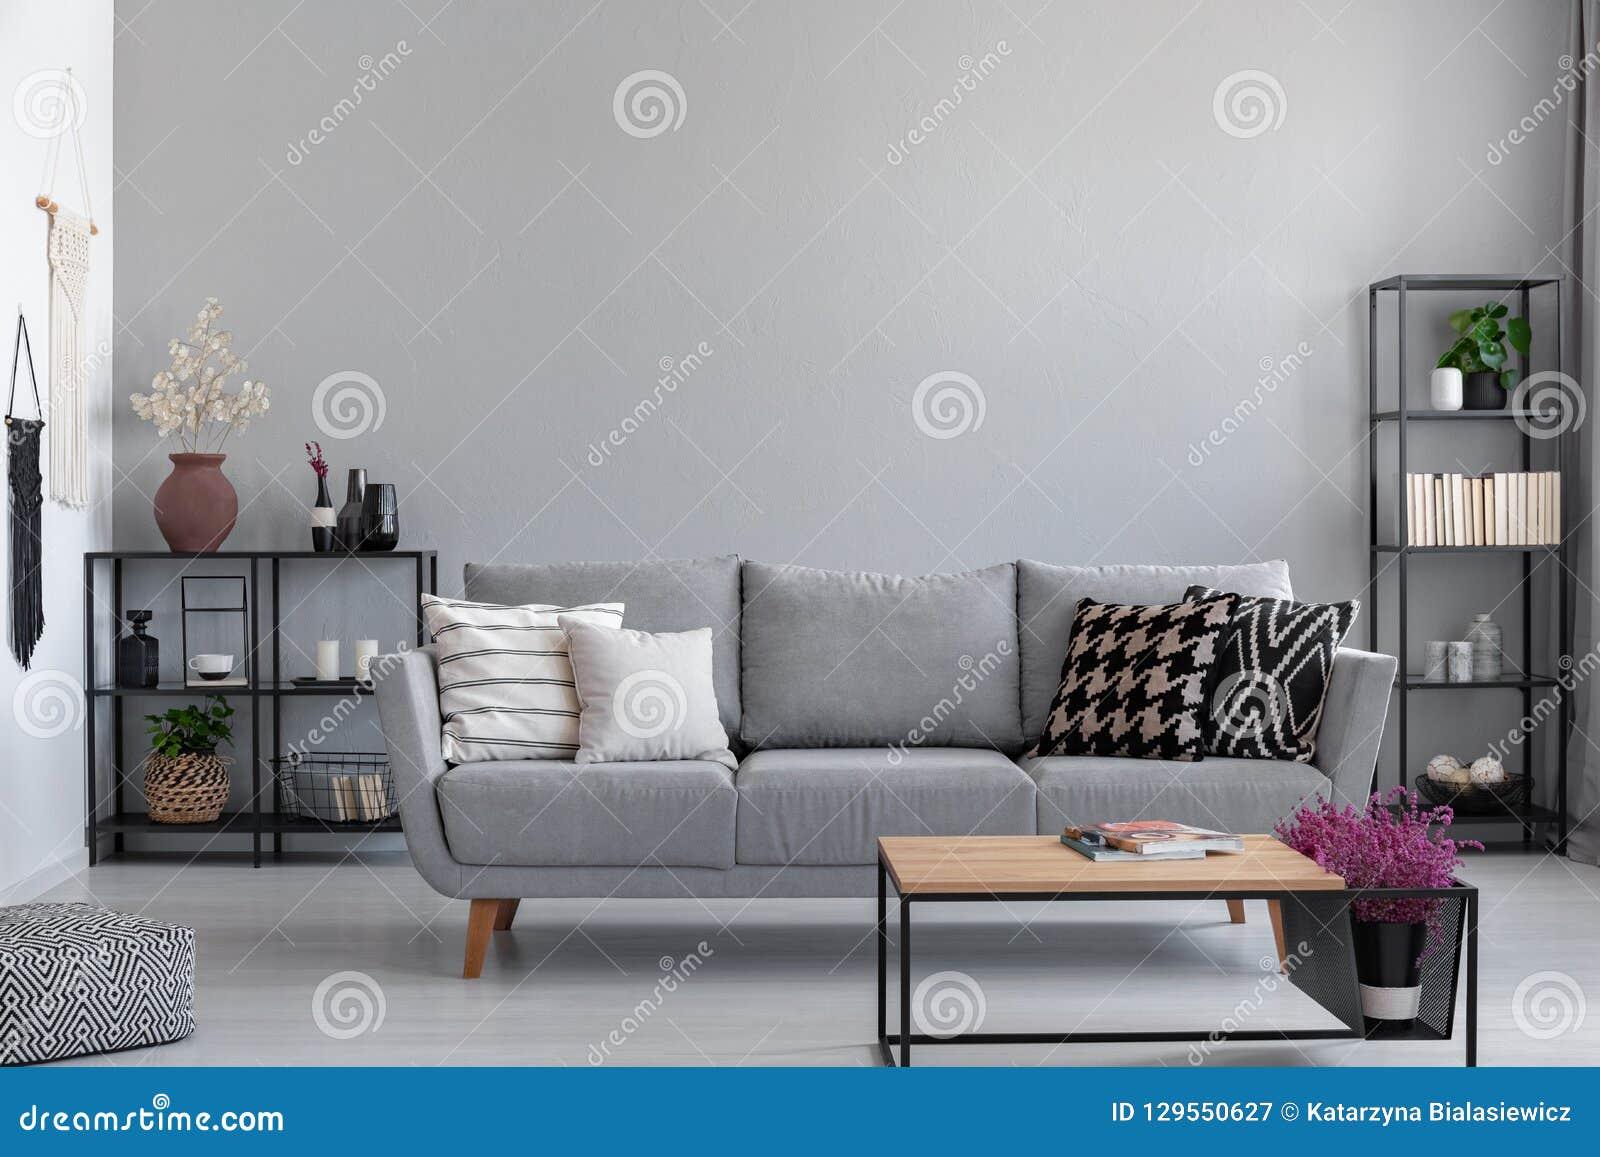 Belägga med metall svarta hyllor med böcker, stearinljus och växter bak den gråa soffan med mönstrade kuddar, verkligt foto med k